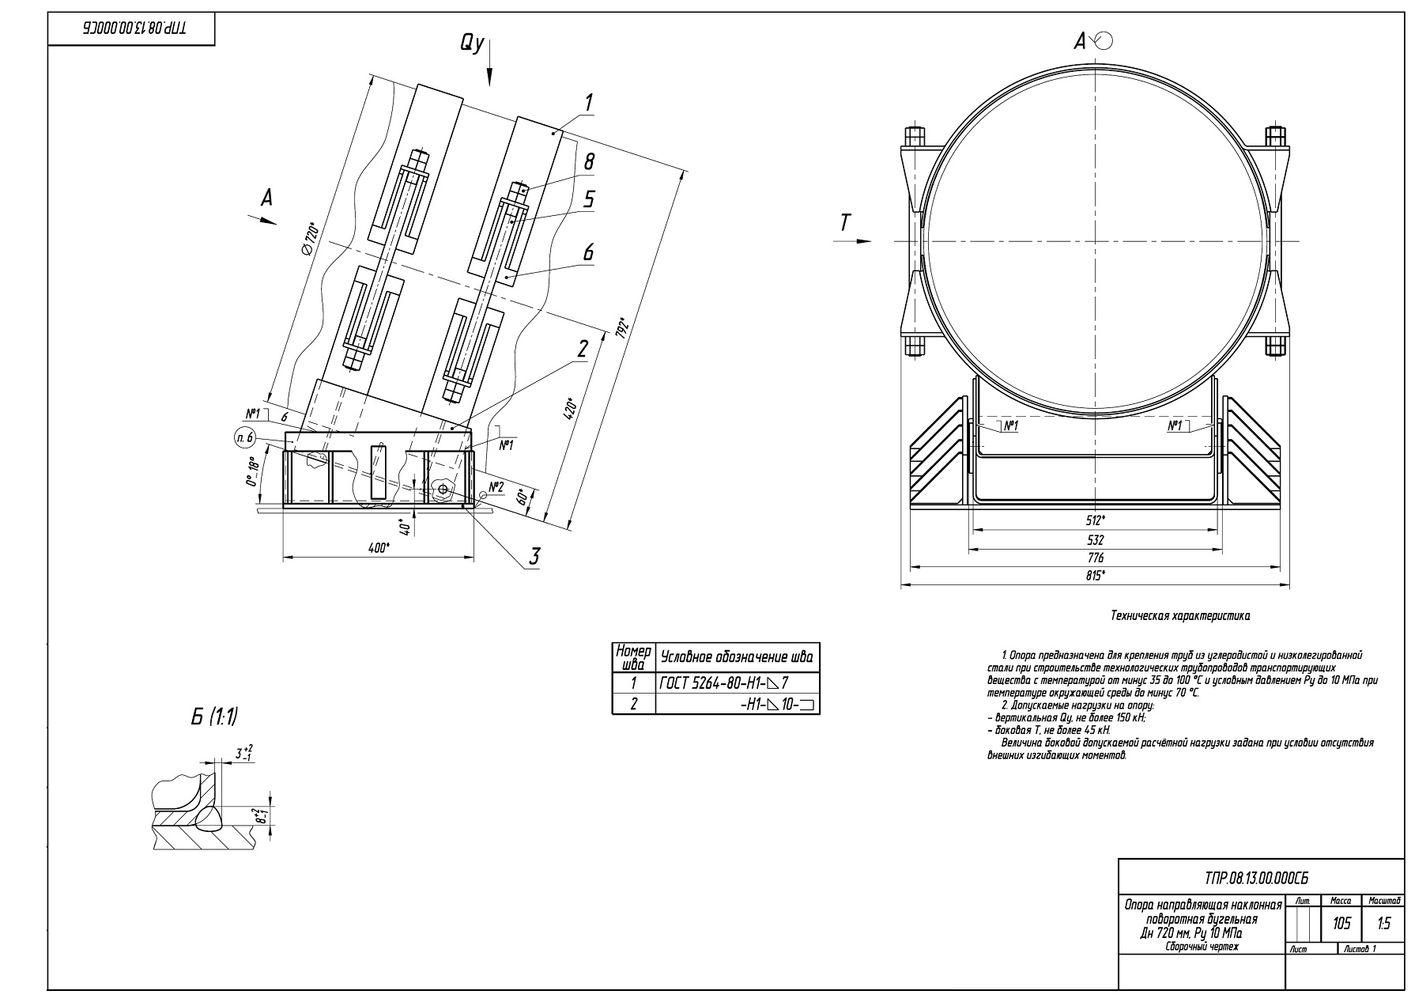 ТПР.08.13.00.000 Опоры направляющие наклонные поворотные бугельные трубопроводов Дн 720 мм